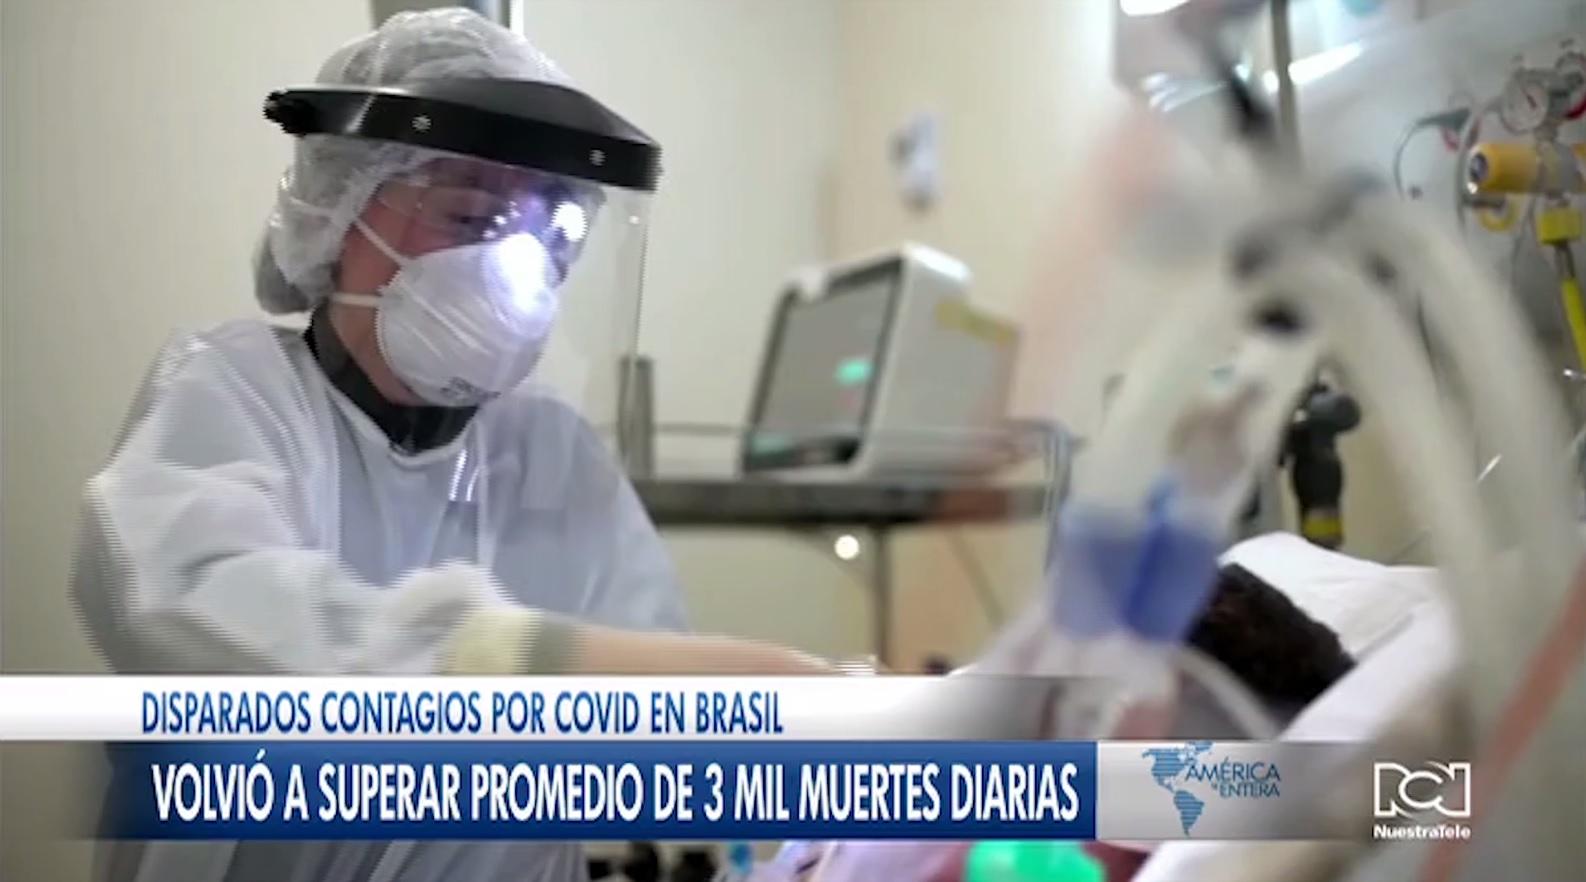 Brasil vuelve a superar el promedio de 3.000 muertes diarias por Covid-19